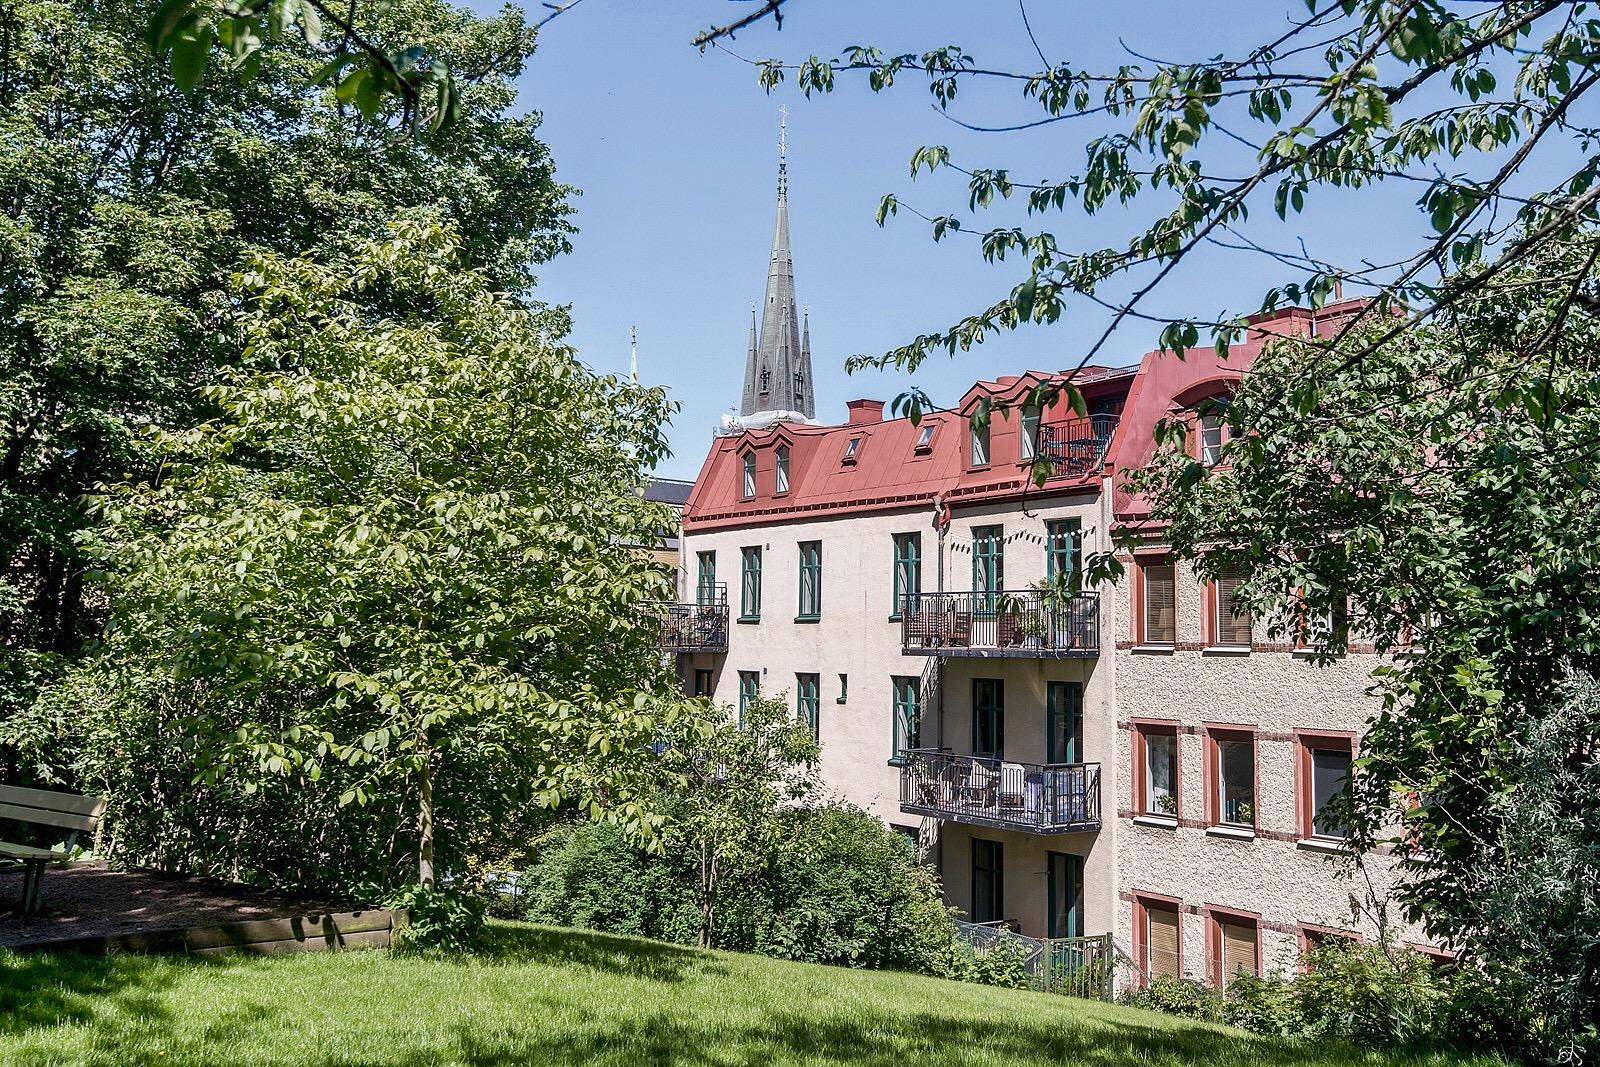 фасад городского дома балконы